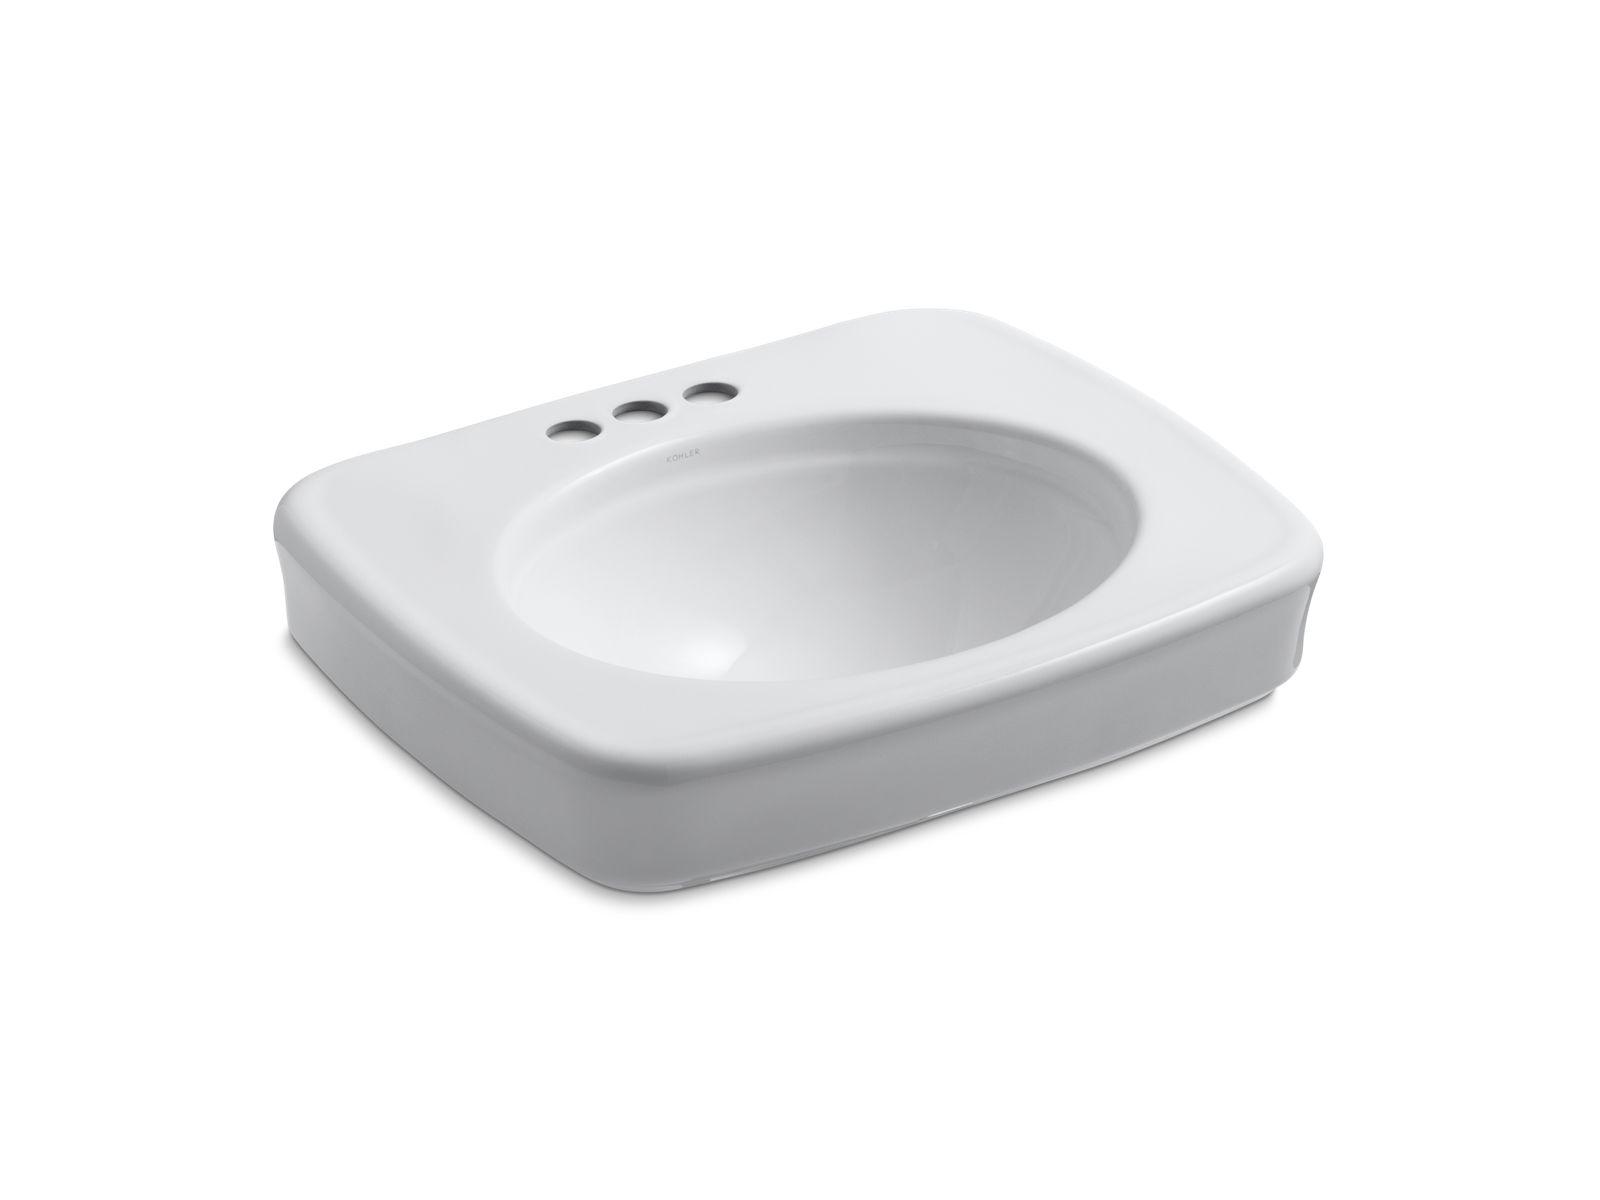 K 2340 4 | Bancroft Sink Basin With 4 Inch Centers | KOHLER